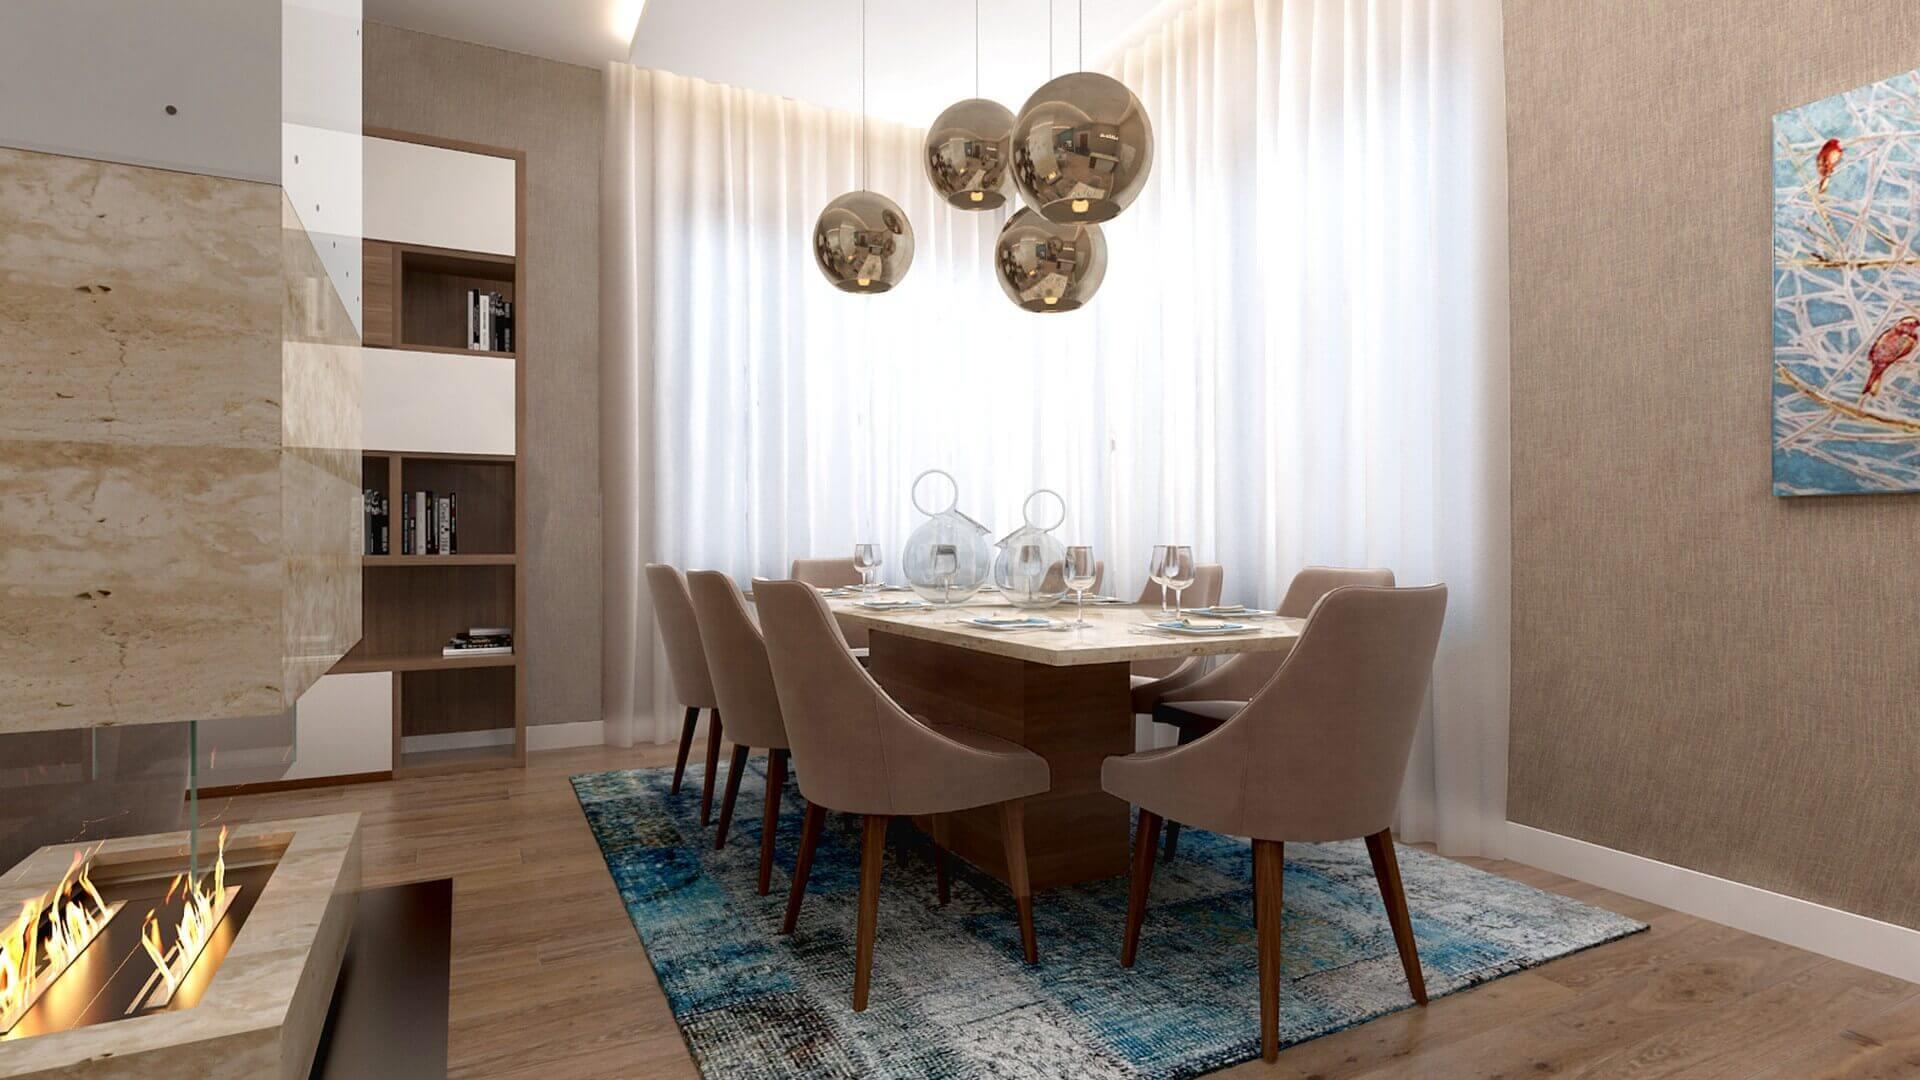 home inspiration 2949 E. Uslu Konutu Residential